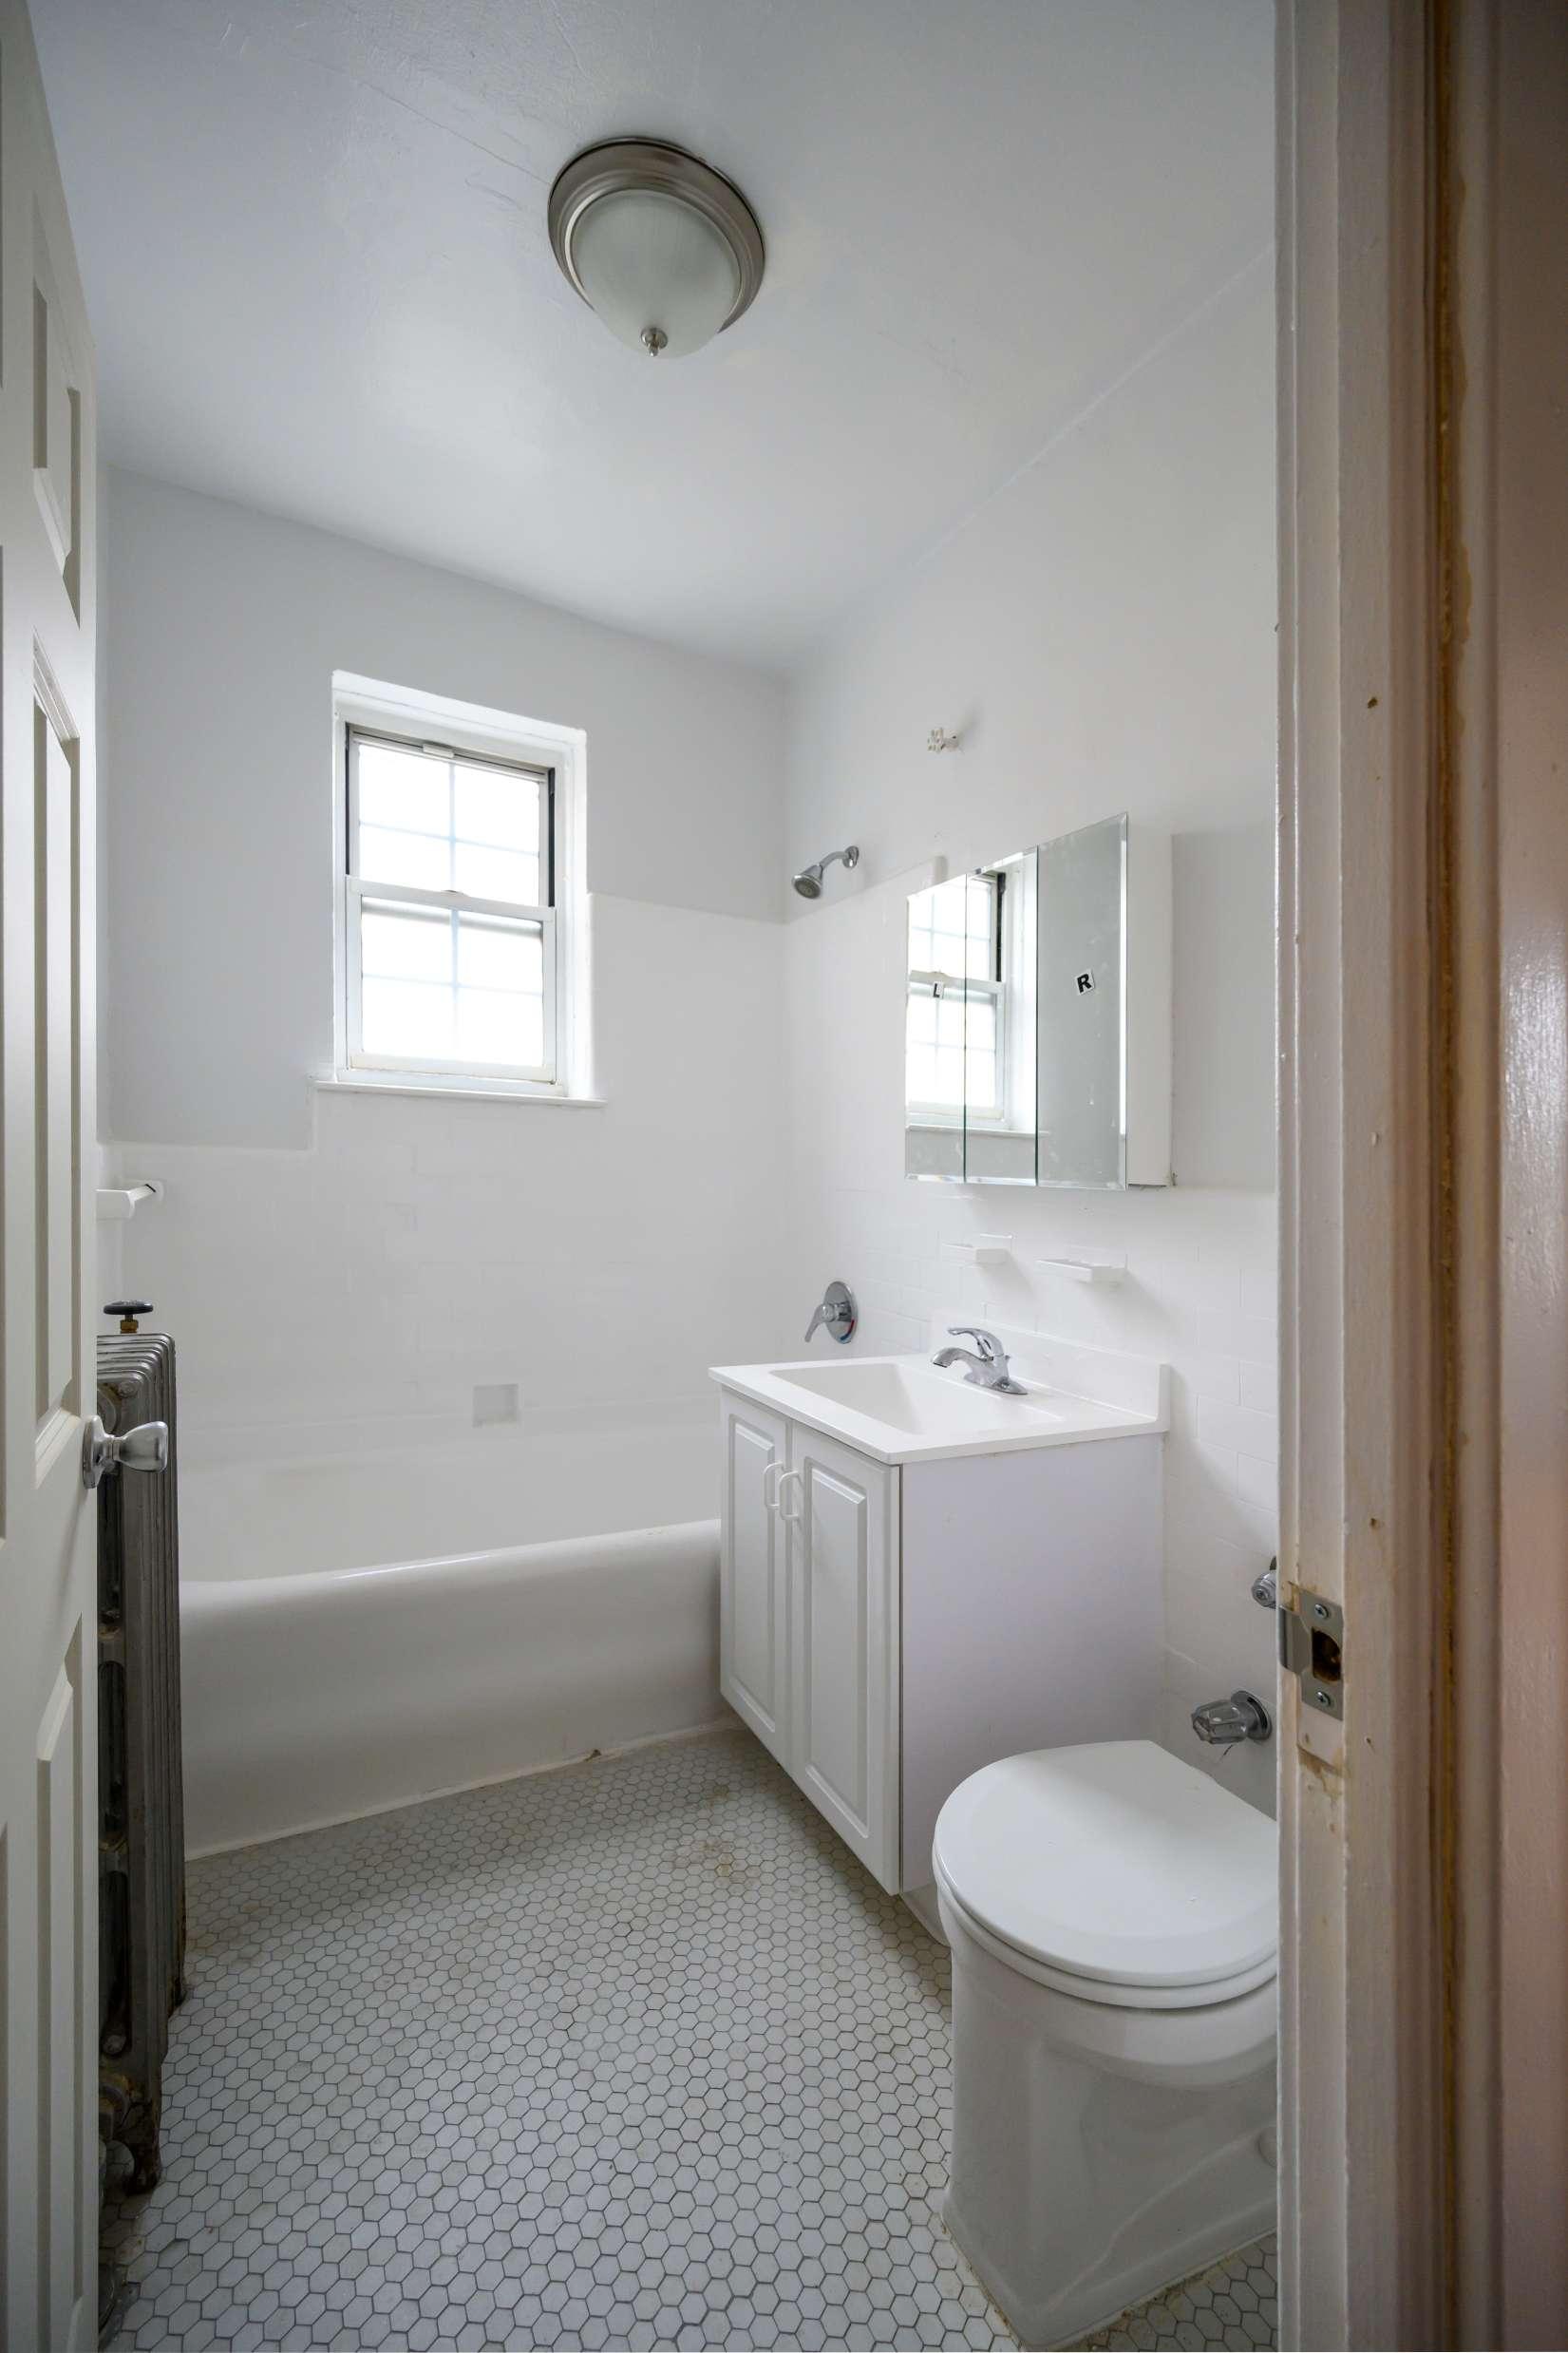 Osborne restroom